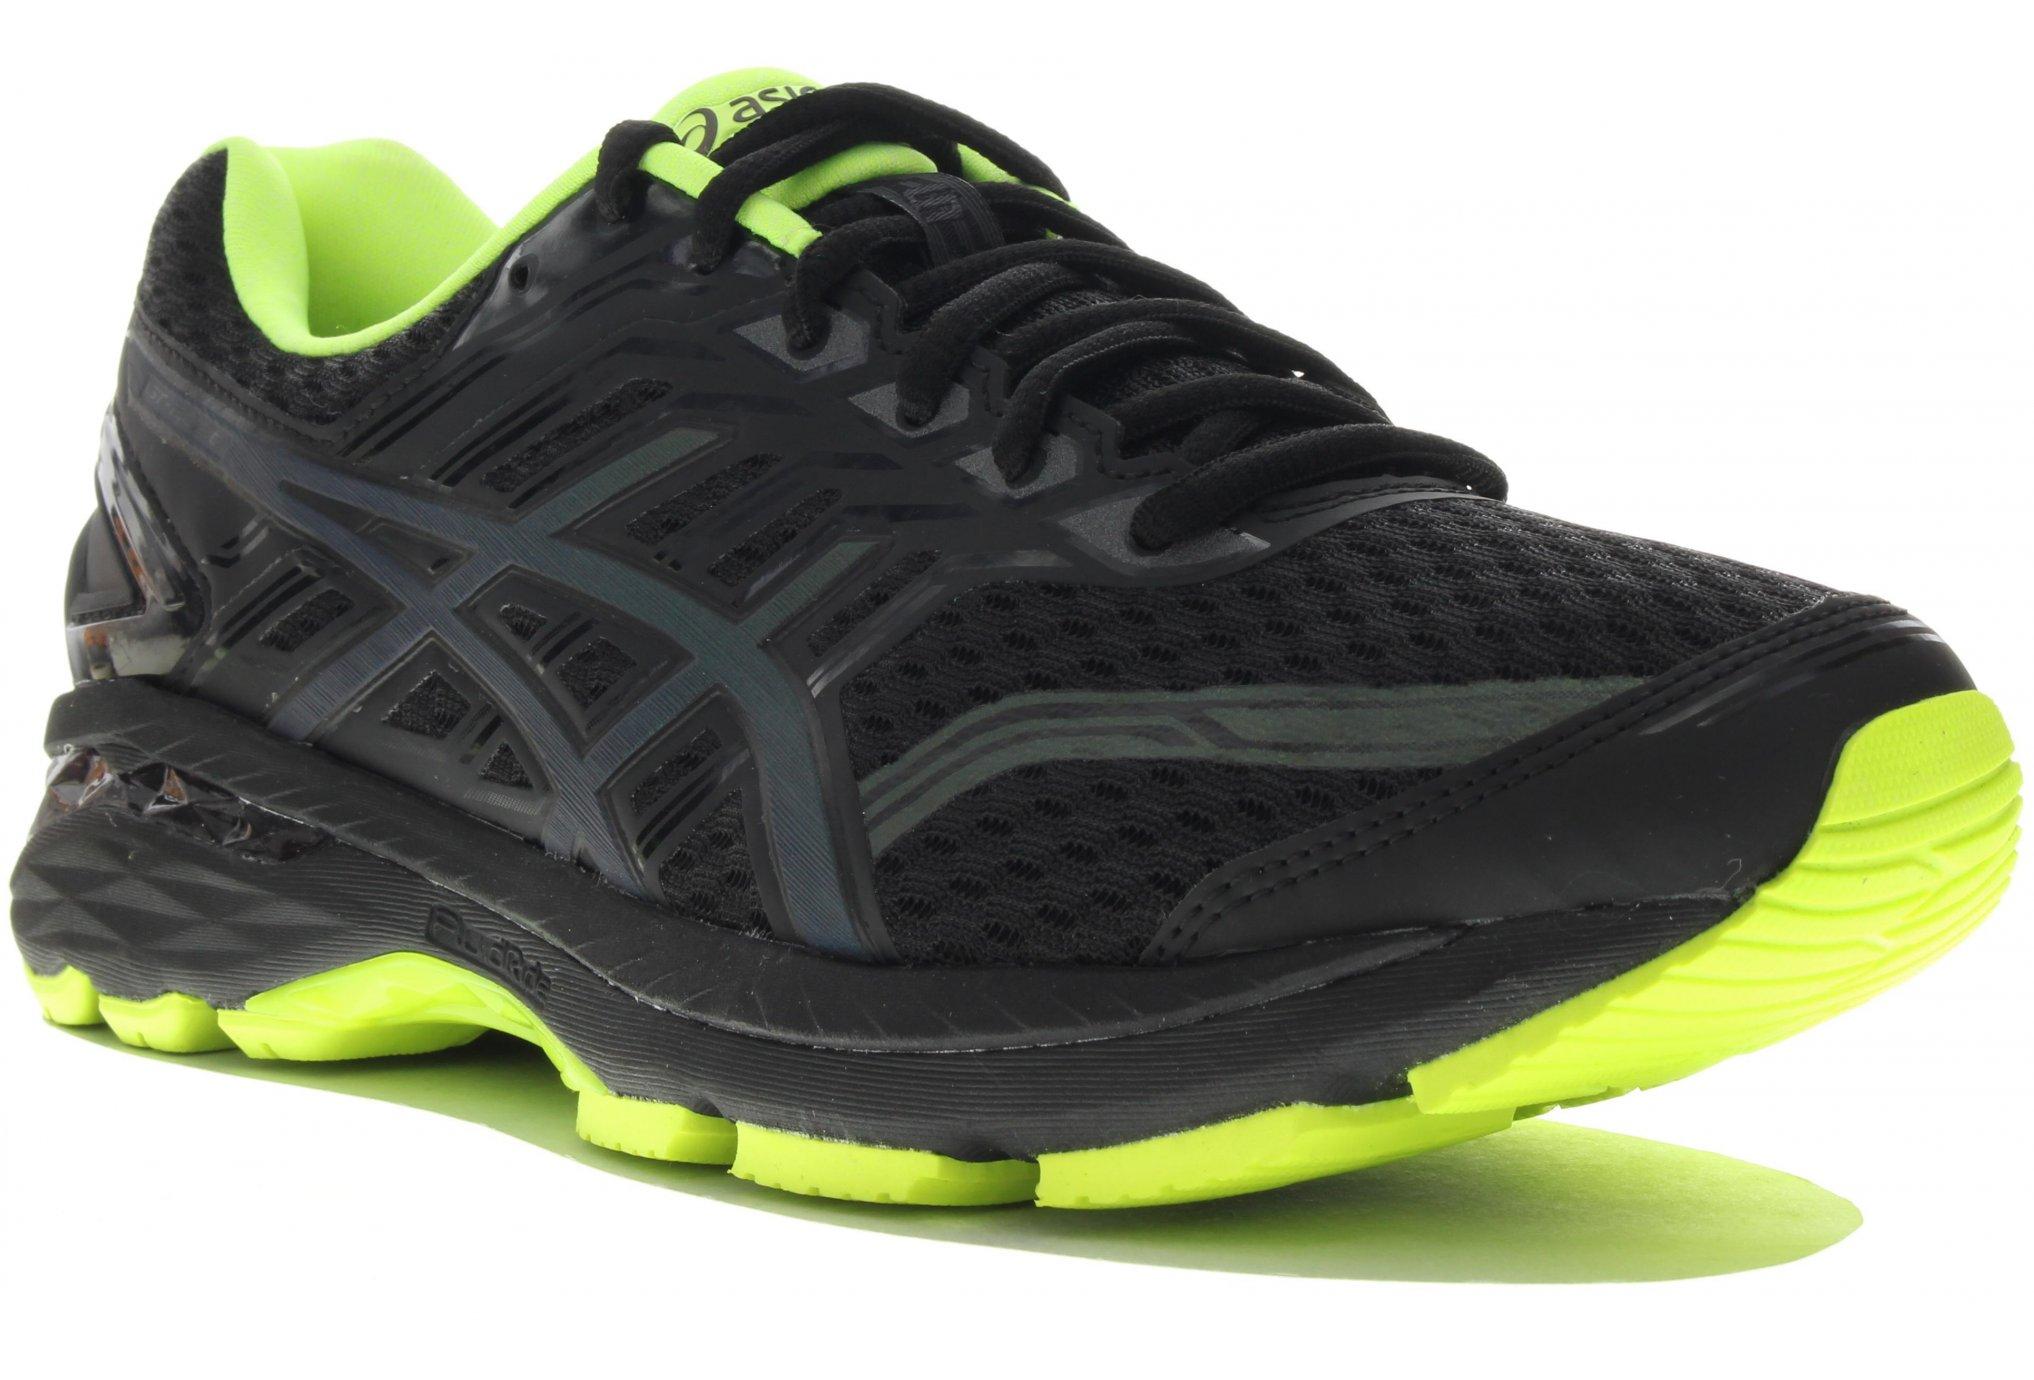 Asics GT-2000 5 Expert Chaussures homme